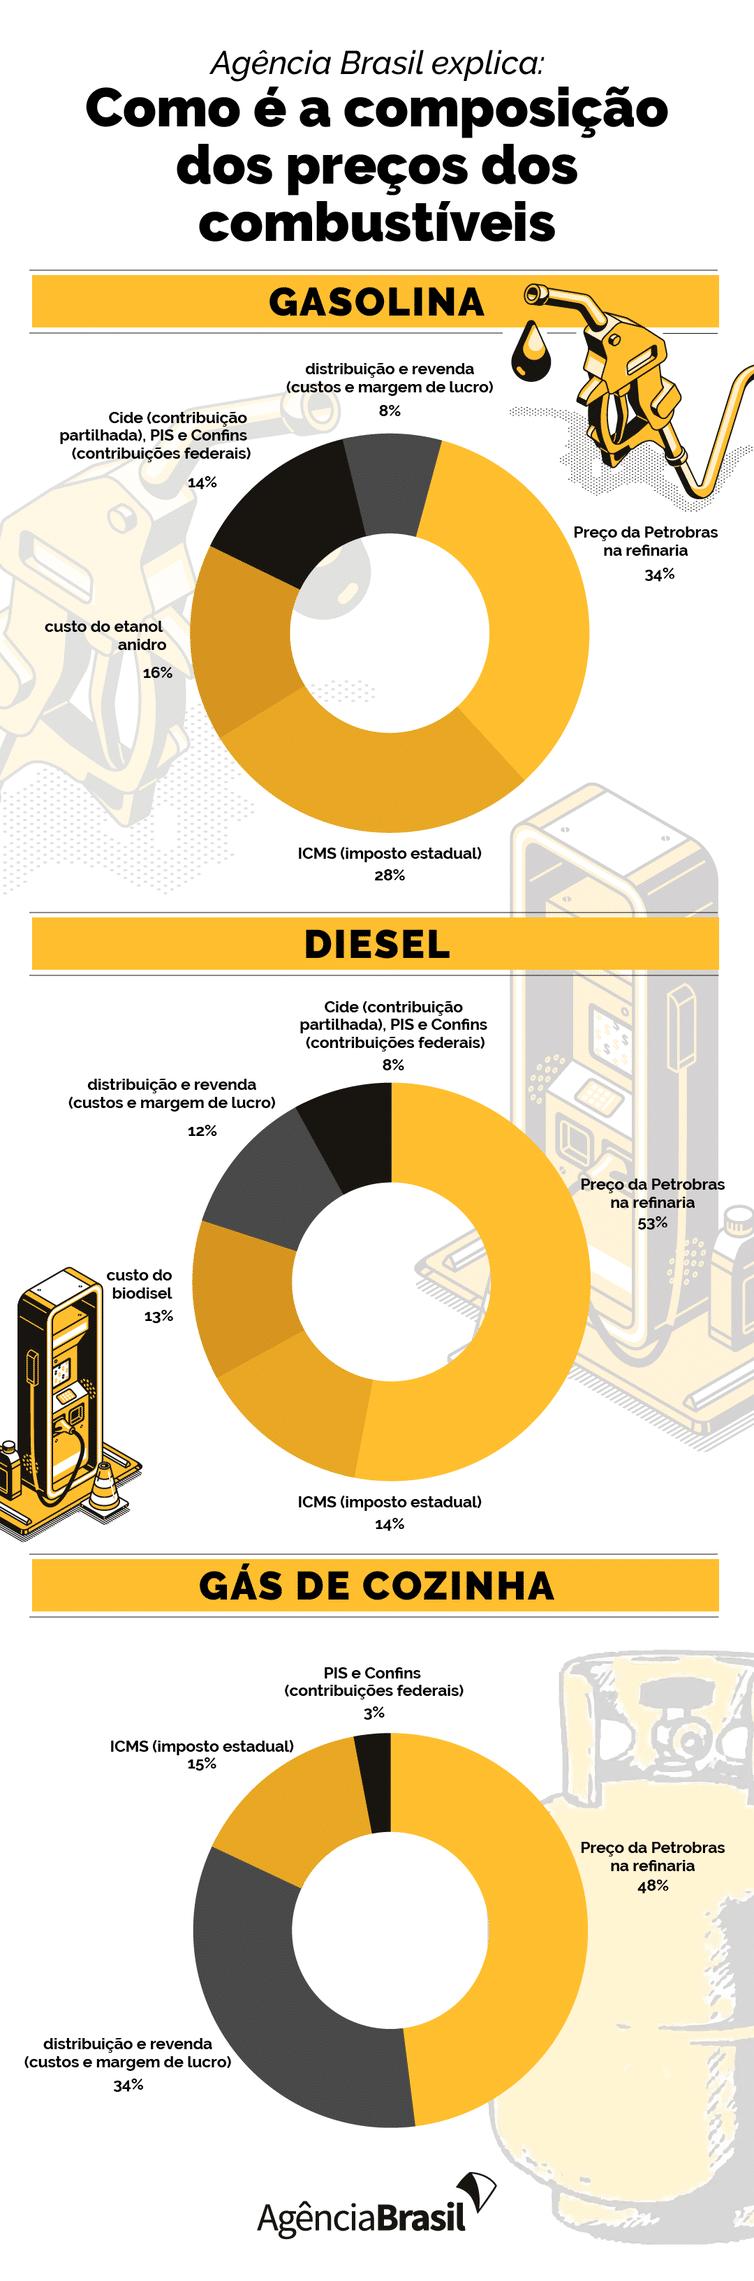 Entenda como é a cobrança do preço dos combustíveis